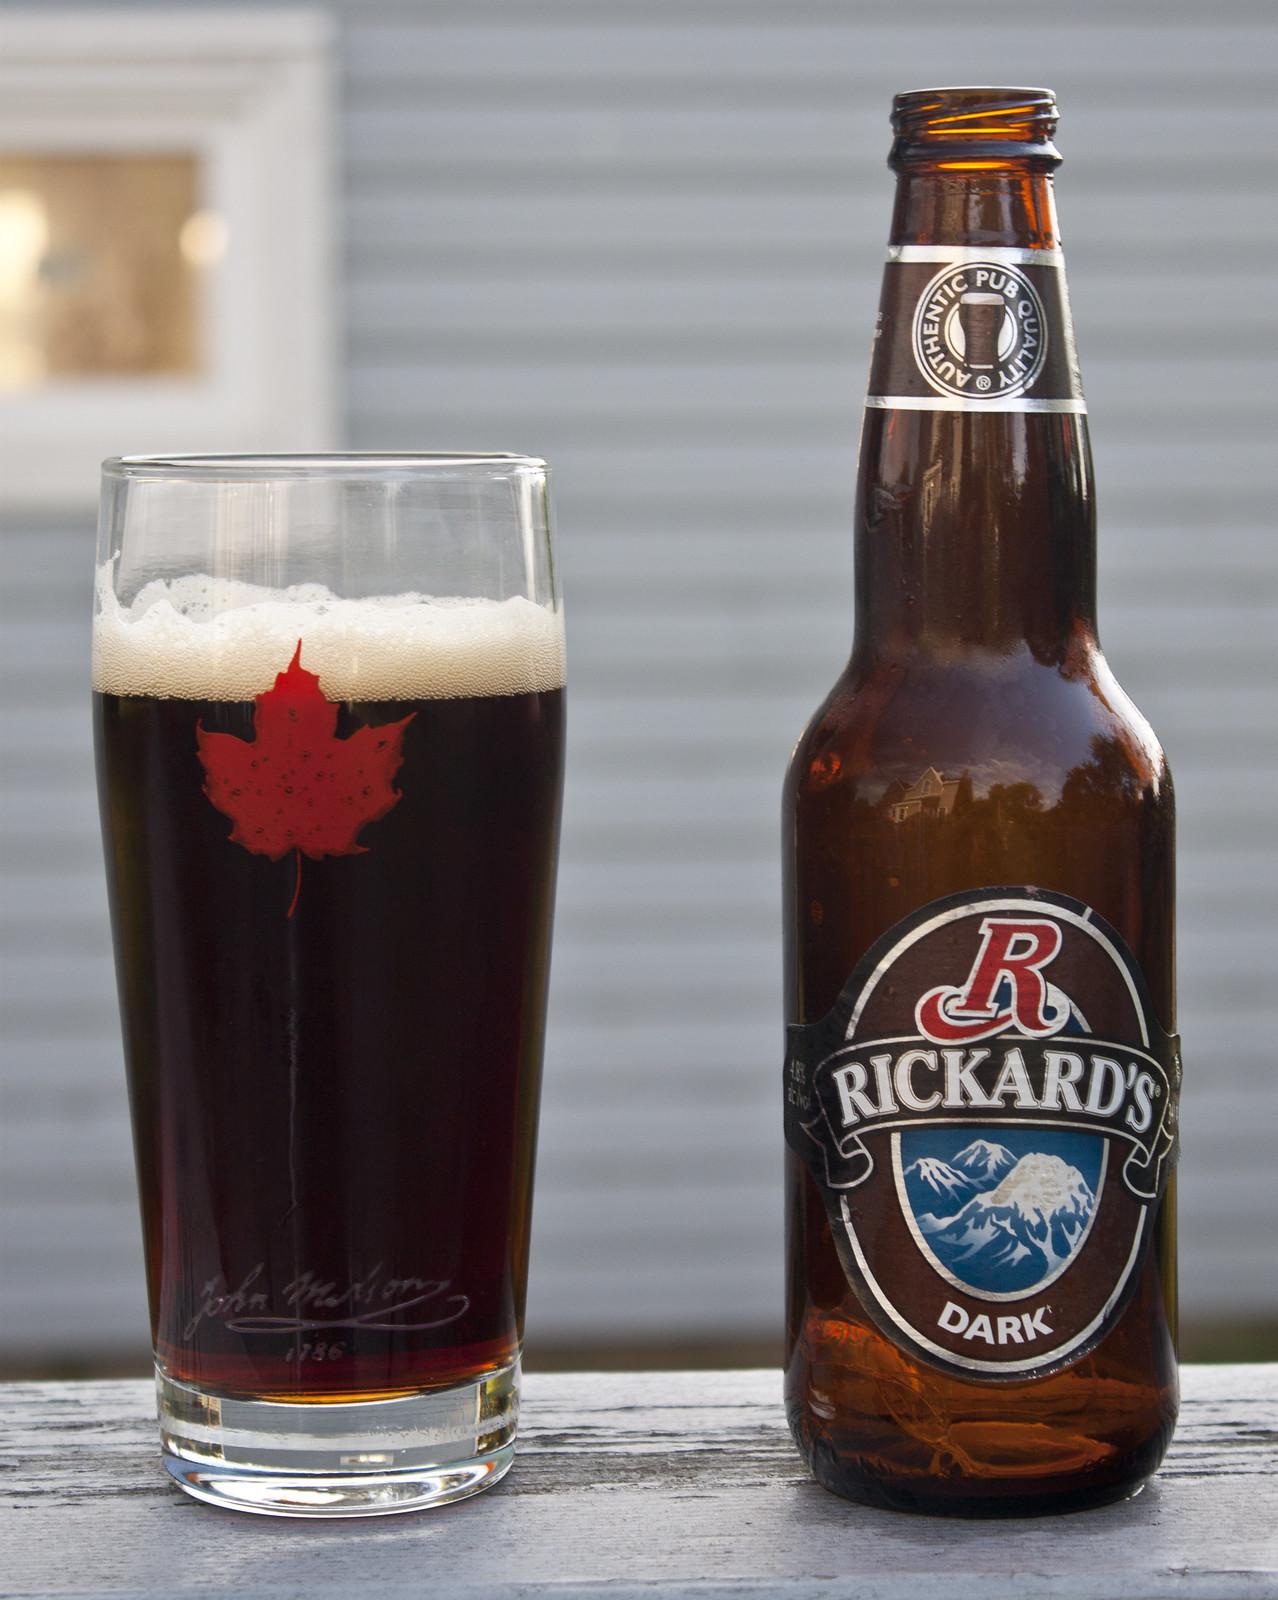 25/52! Rickards Dark Ale